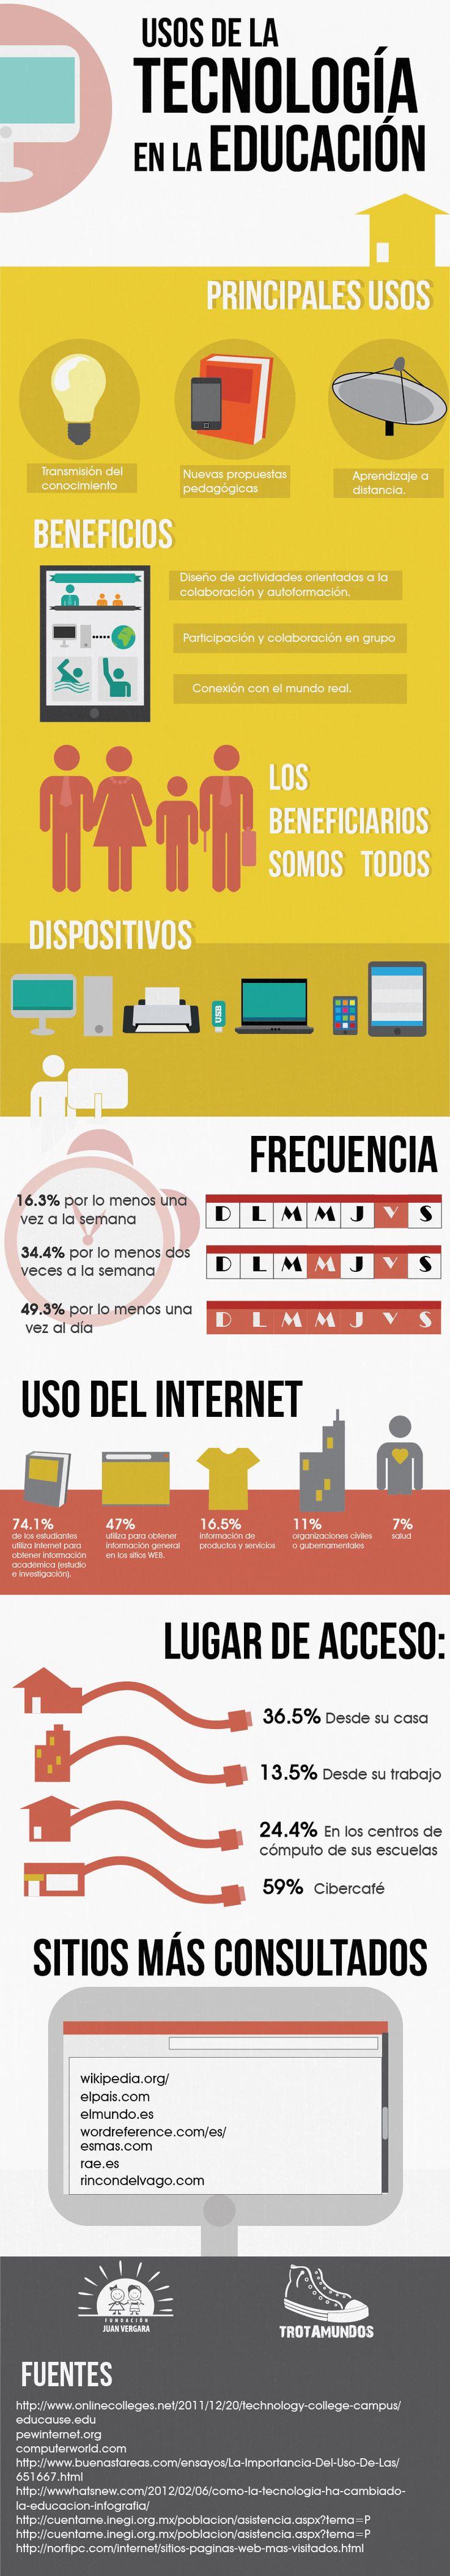 Infografía Usos de la Tecnología en la Educación.